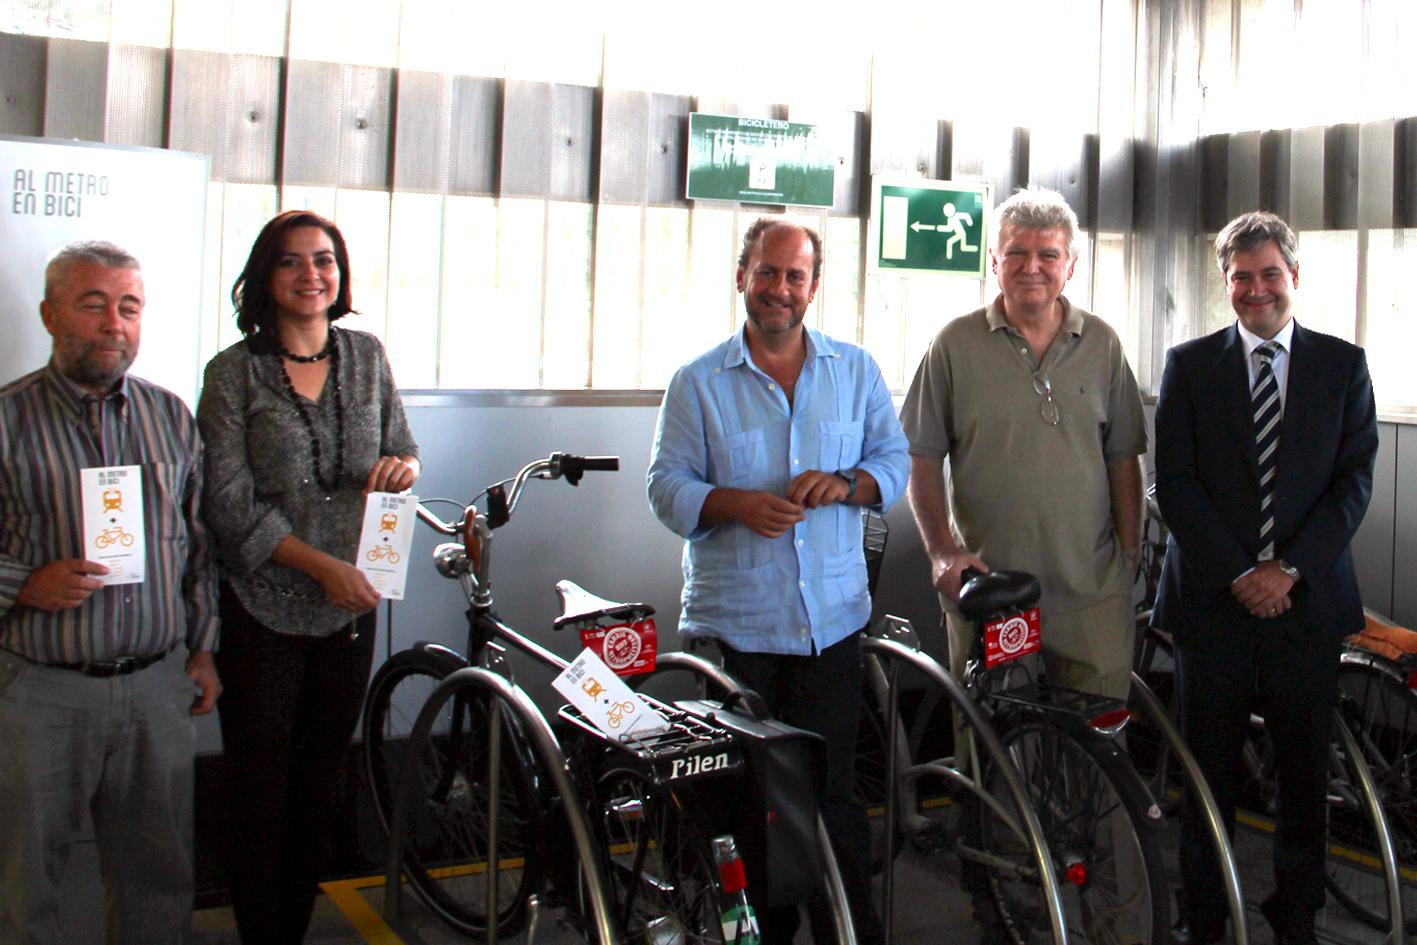 El viceconsejero de Fomento y Vivienda, Jos� Antonio Garc�a Cebri�n, acompa�ado por representantes de la consejer�a y Metro de Sevilla durante la presentaci�n de las instalaciones.